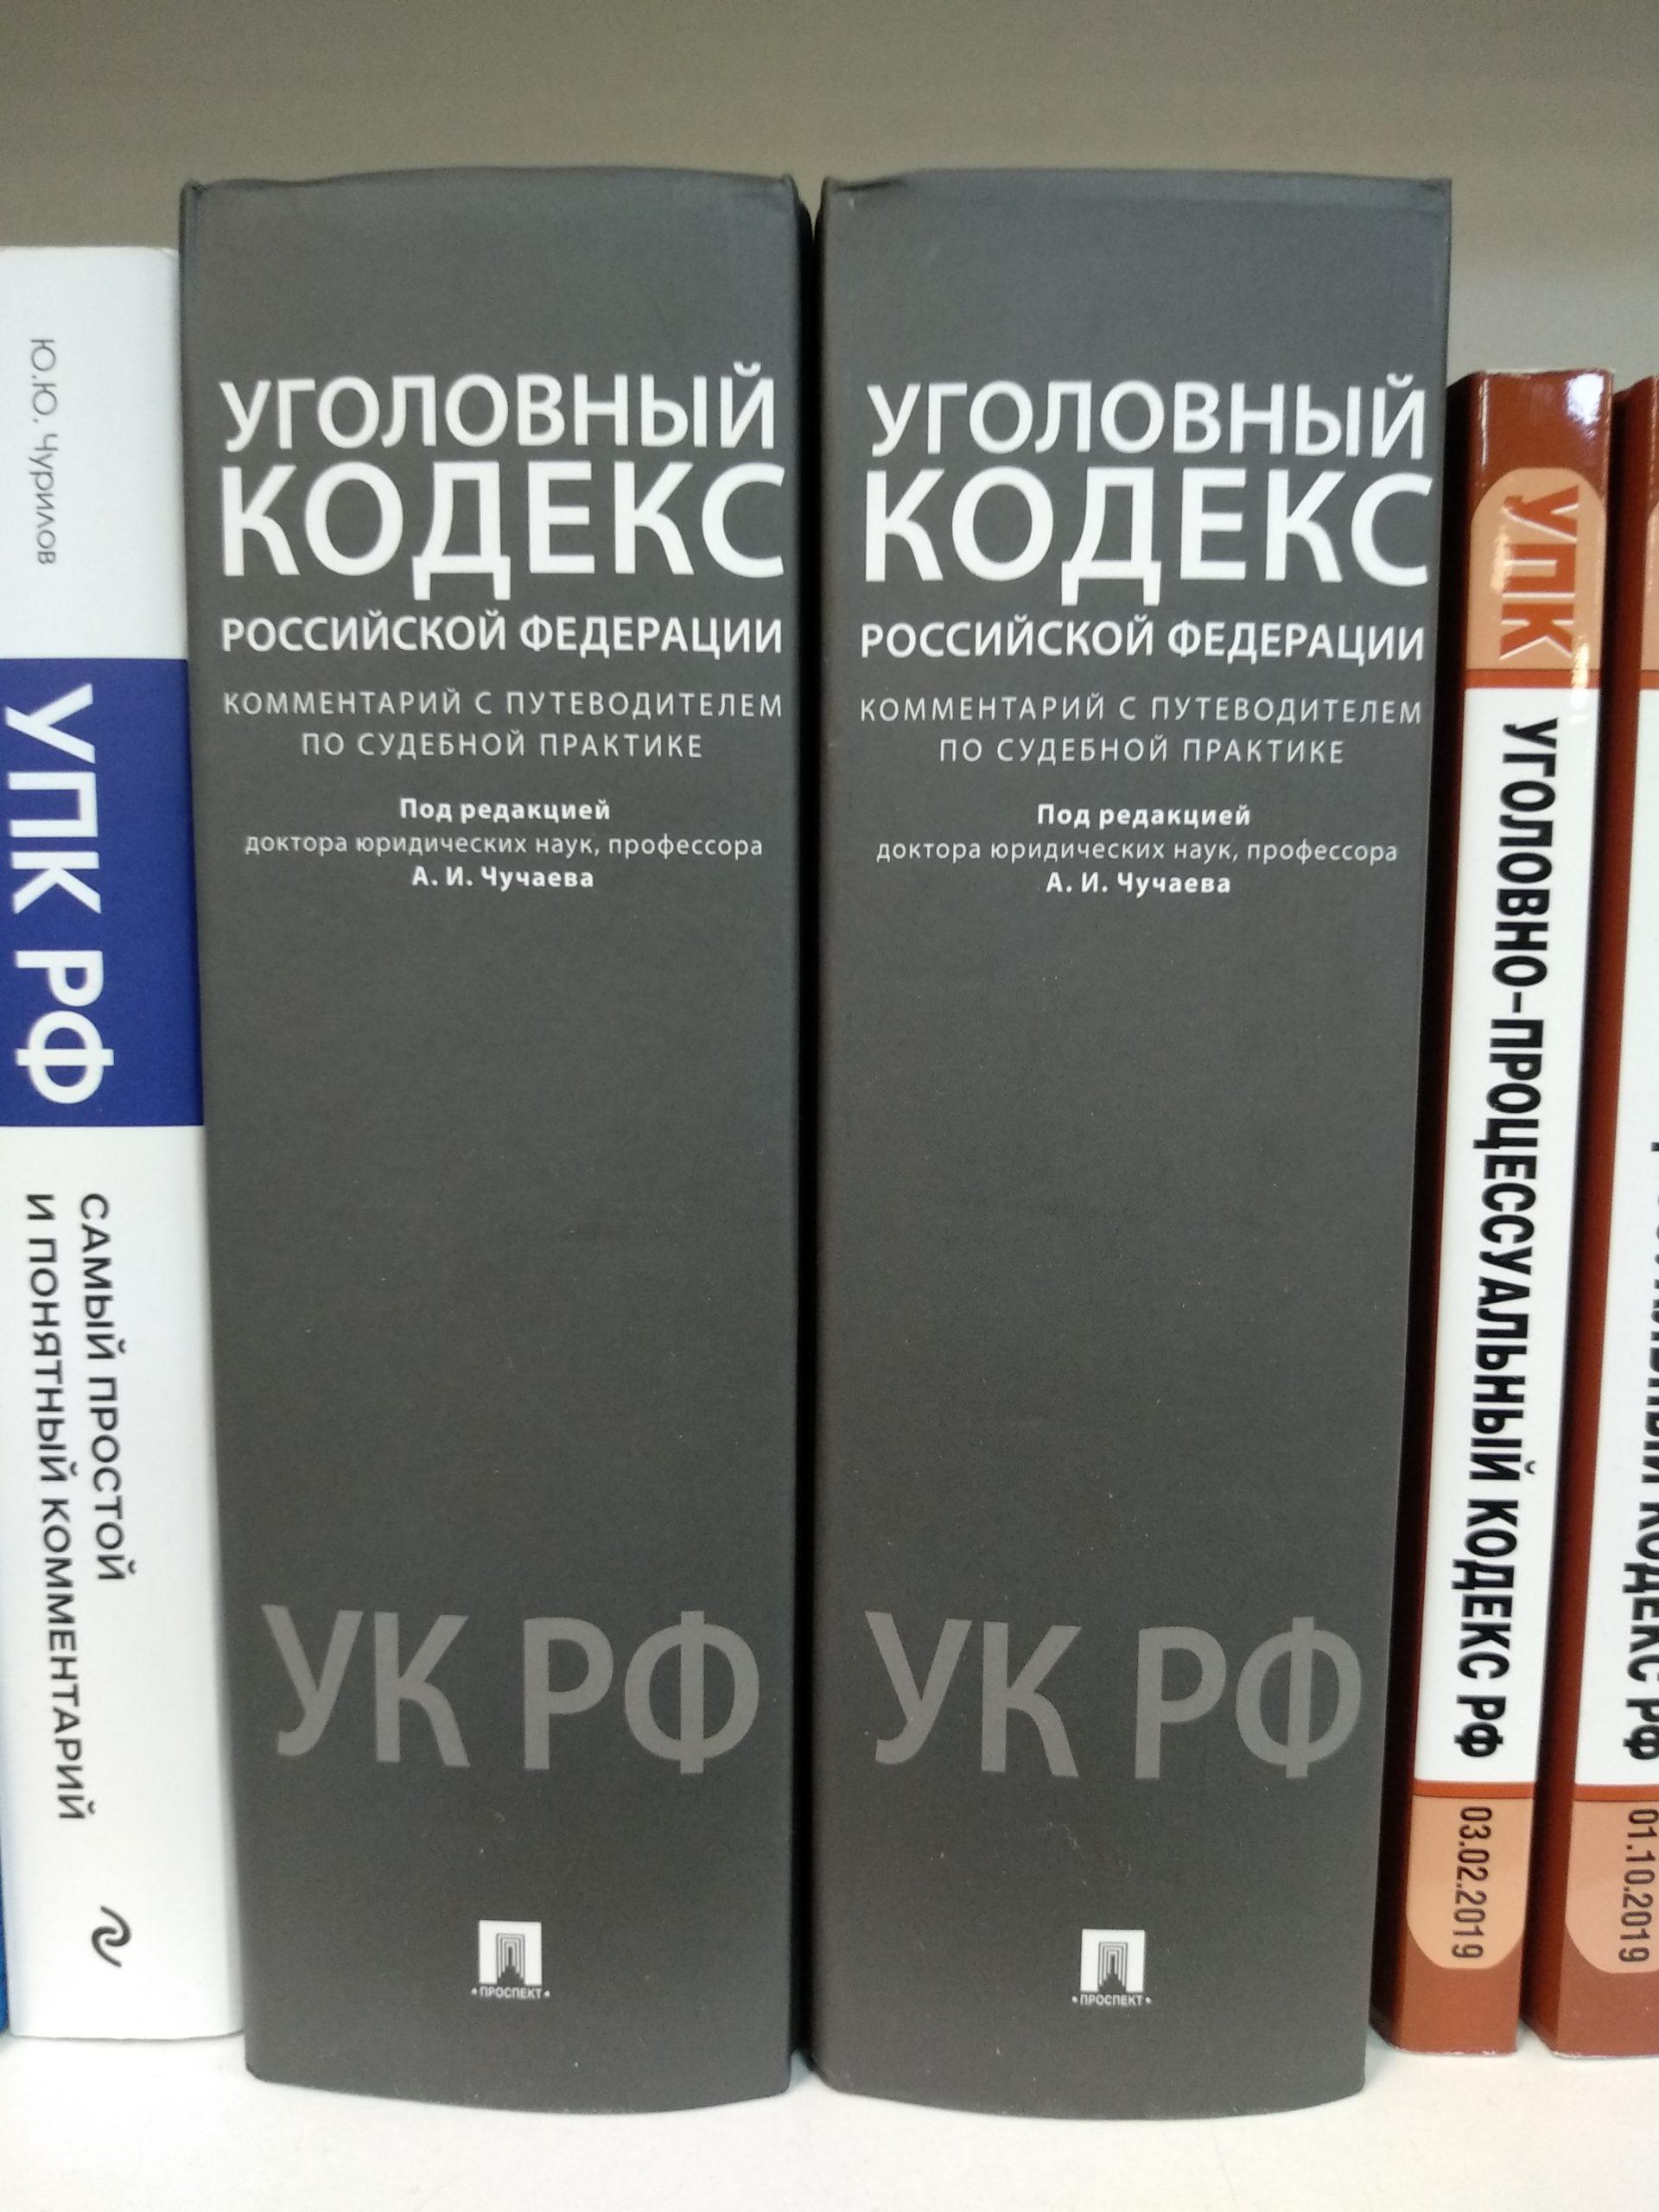 Услуги адвоката по ст. 110, 110.1, 110.2 УК РФ Доведение, склонение к самоубийству